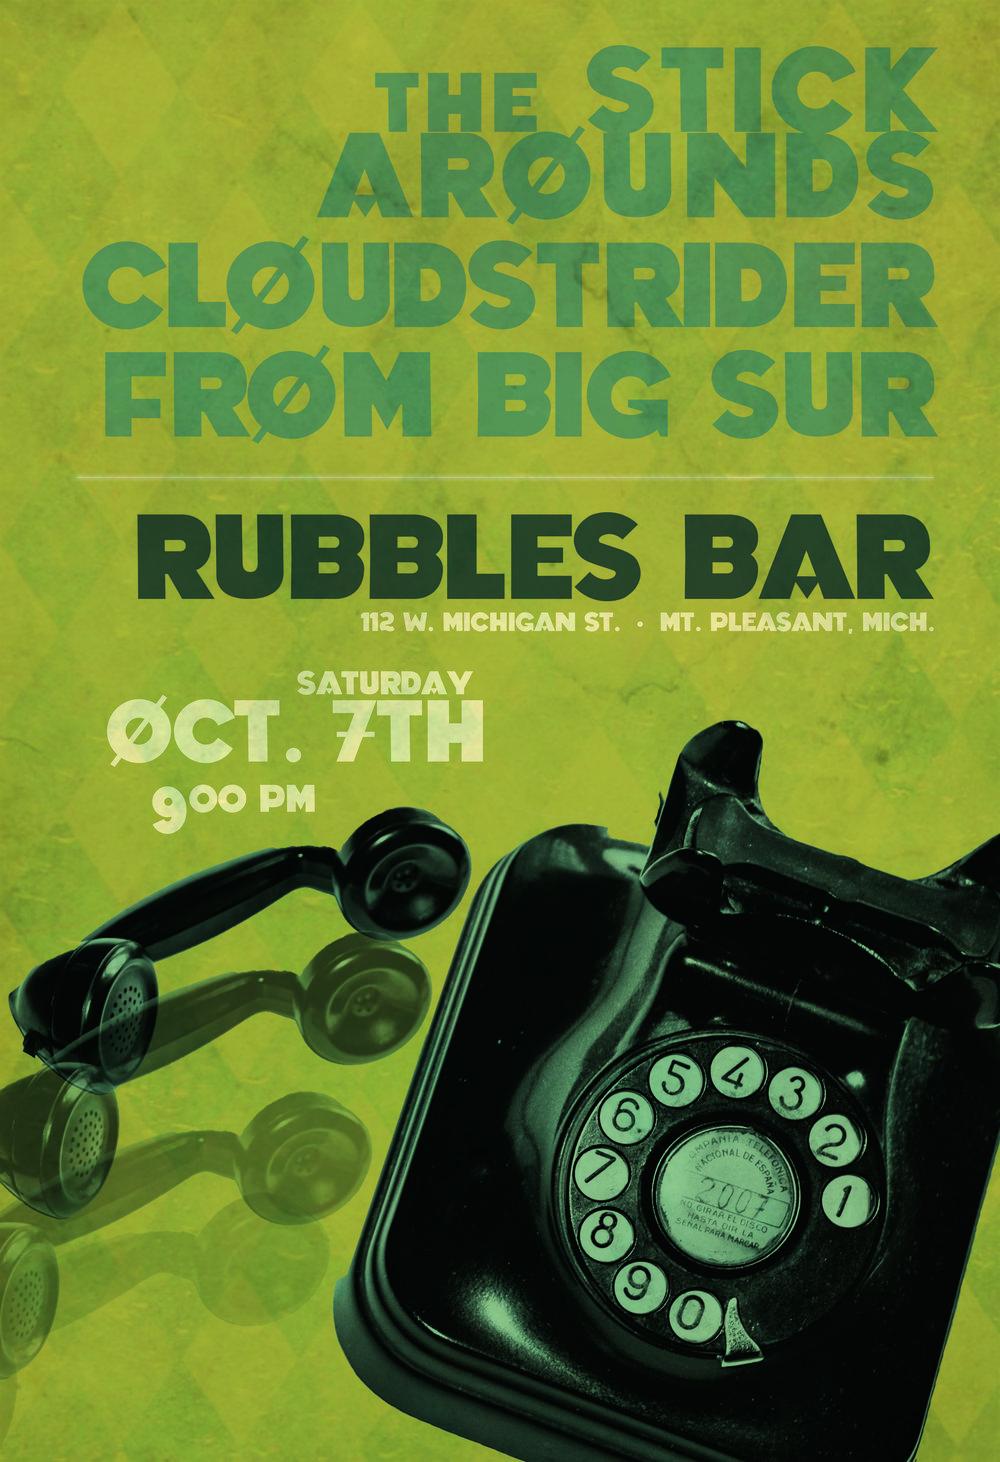 Rubbles Poster - October 2017.jpg